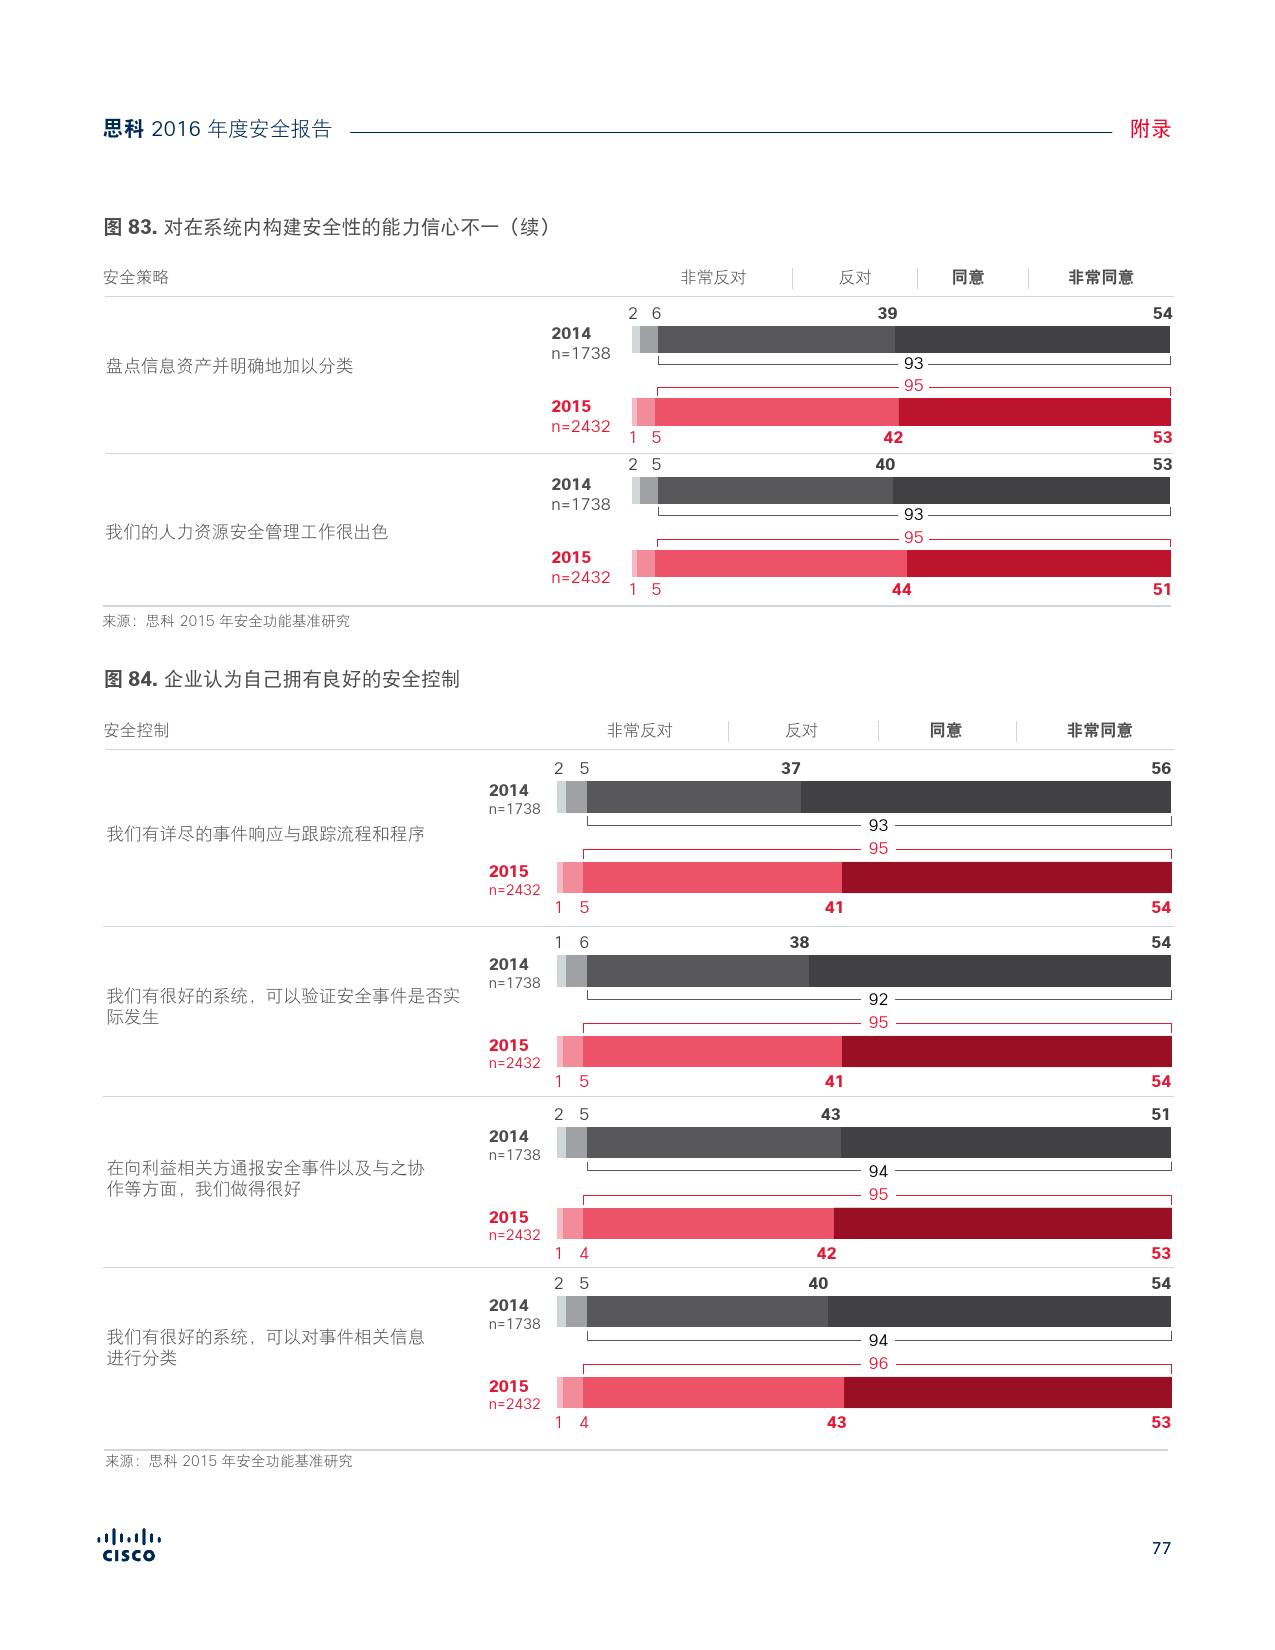 2016年中网络安全报告_000077